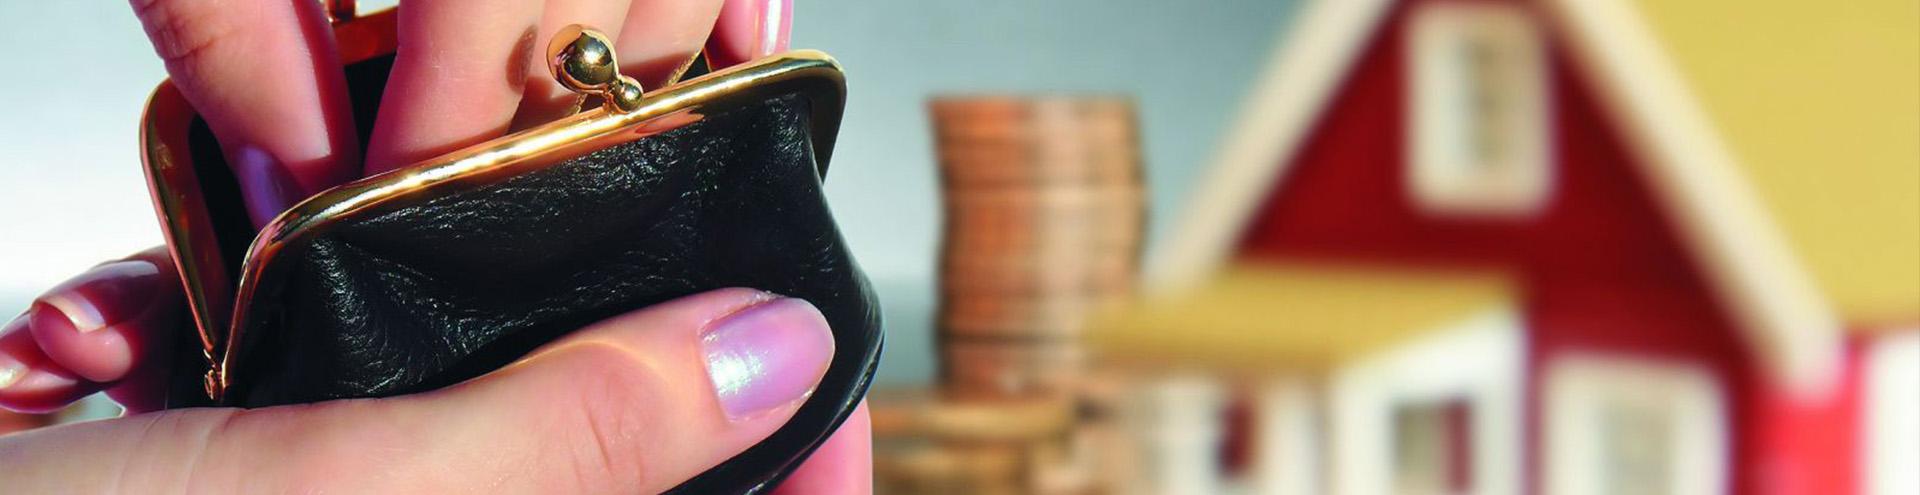 реструктуризация долга при банкротстве физического лица в Ярославле